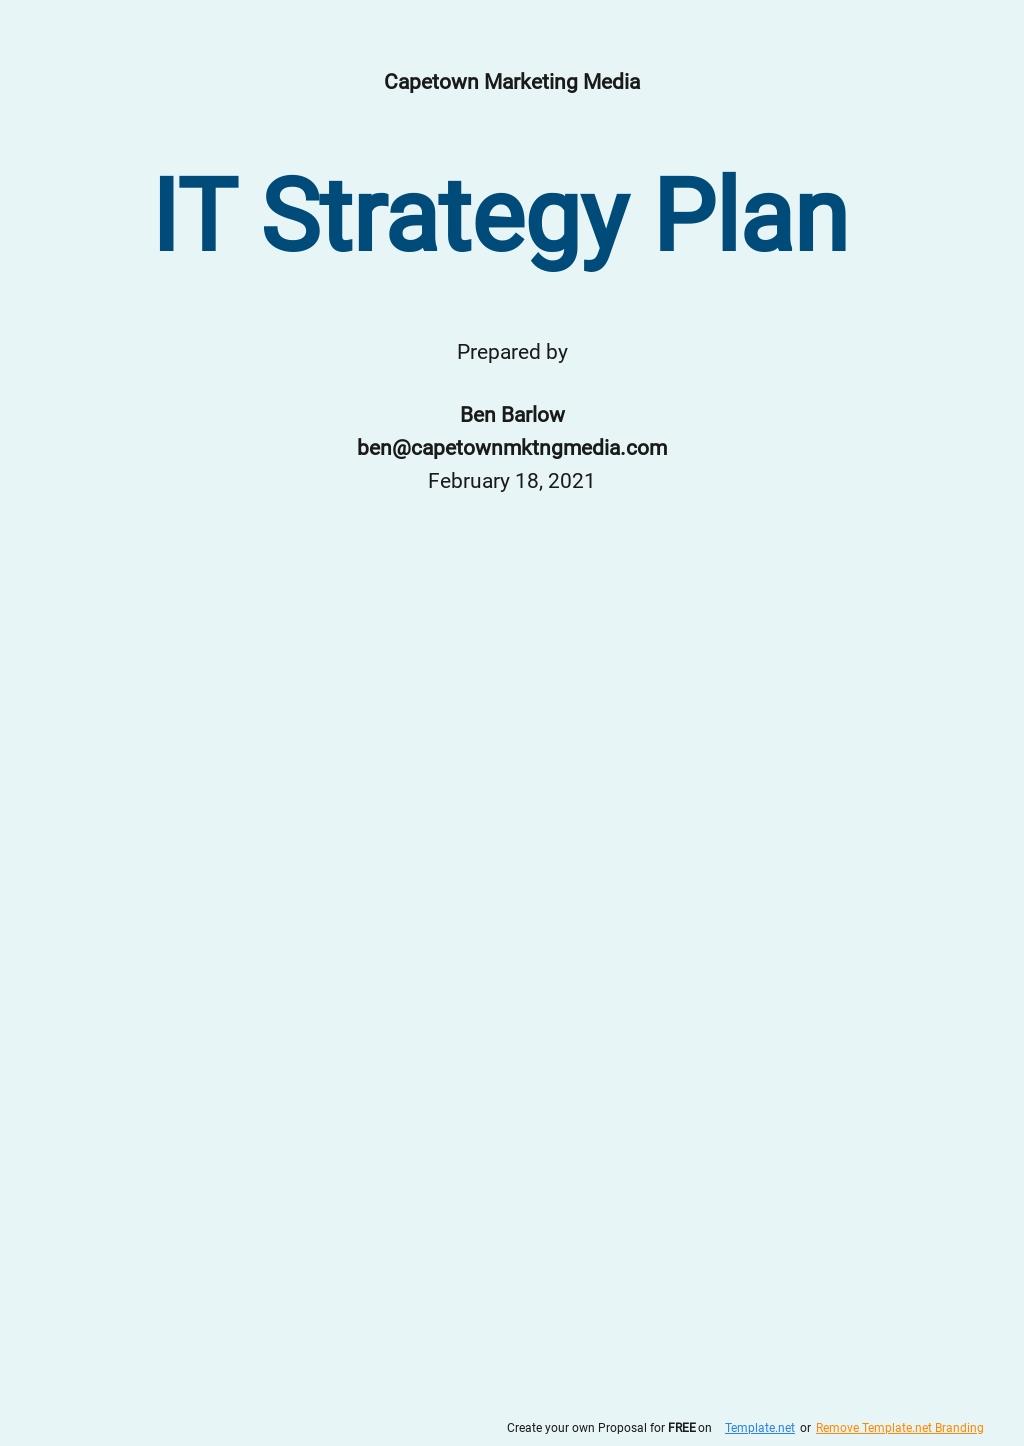 IT Strategy Plan Template.jpe